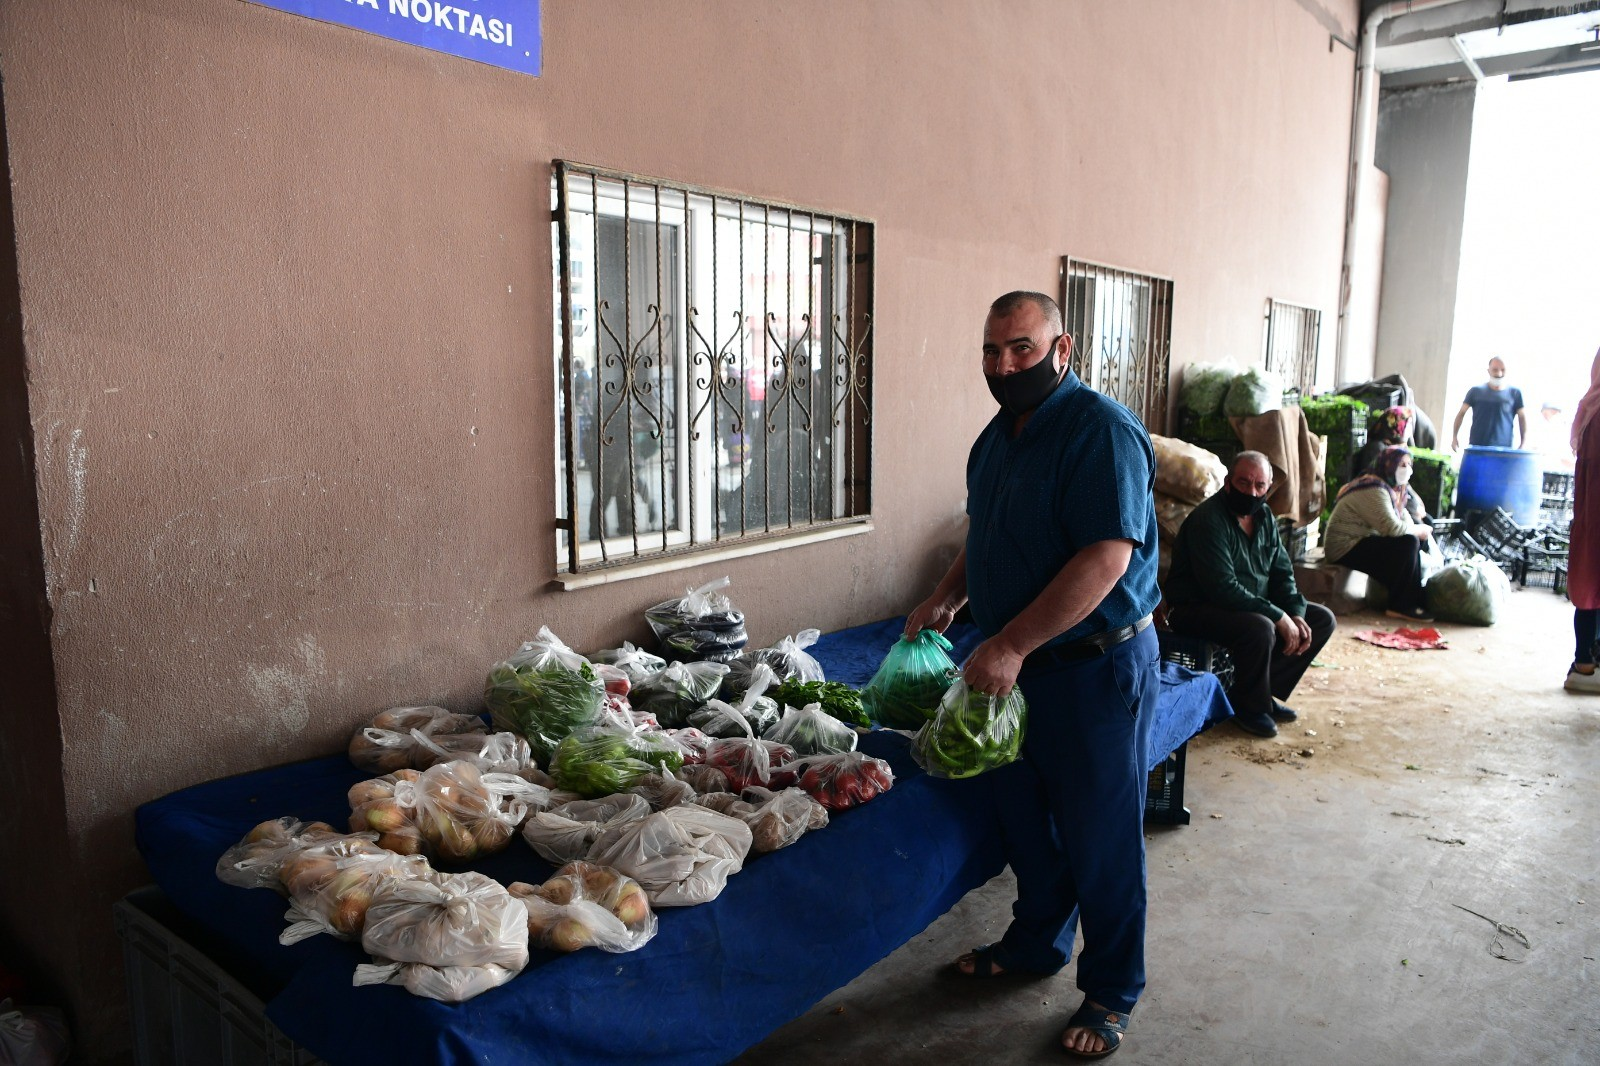 Mamak Belediyesinden askıda yiyecek uygulaması